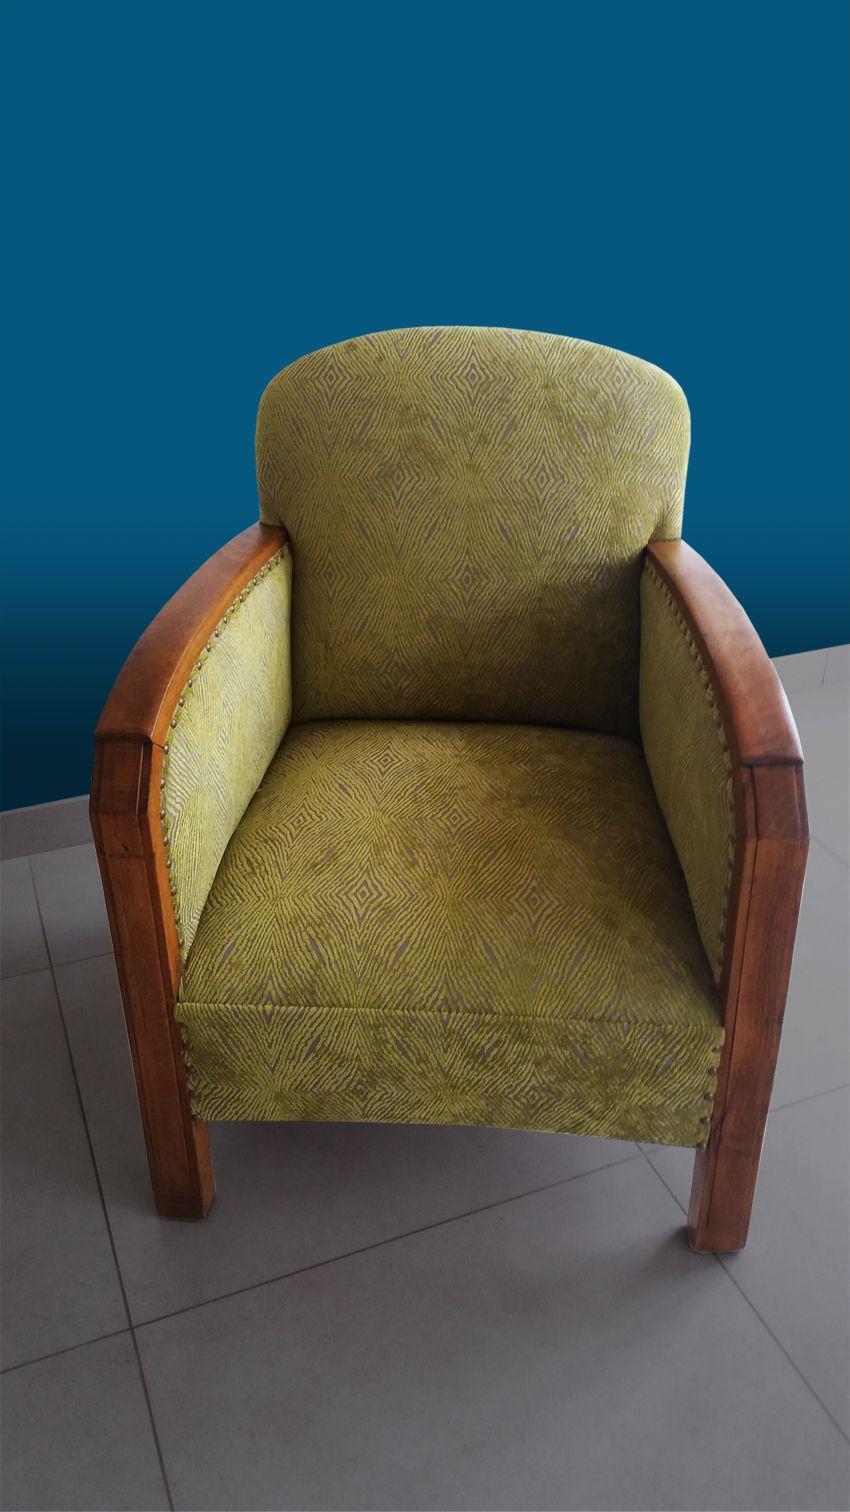 fauteuil annee 30 mes hobbies en 2019 fauteuil ann es. Black Bedroom Furniture Sets. Home Design Ideas